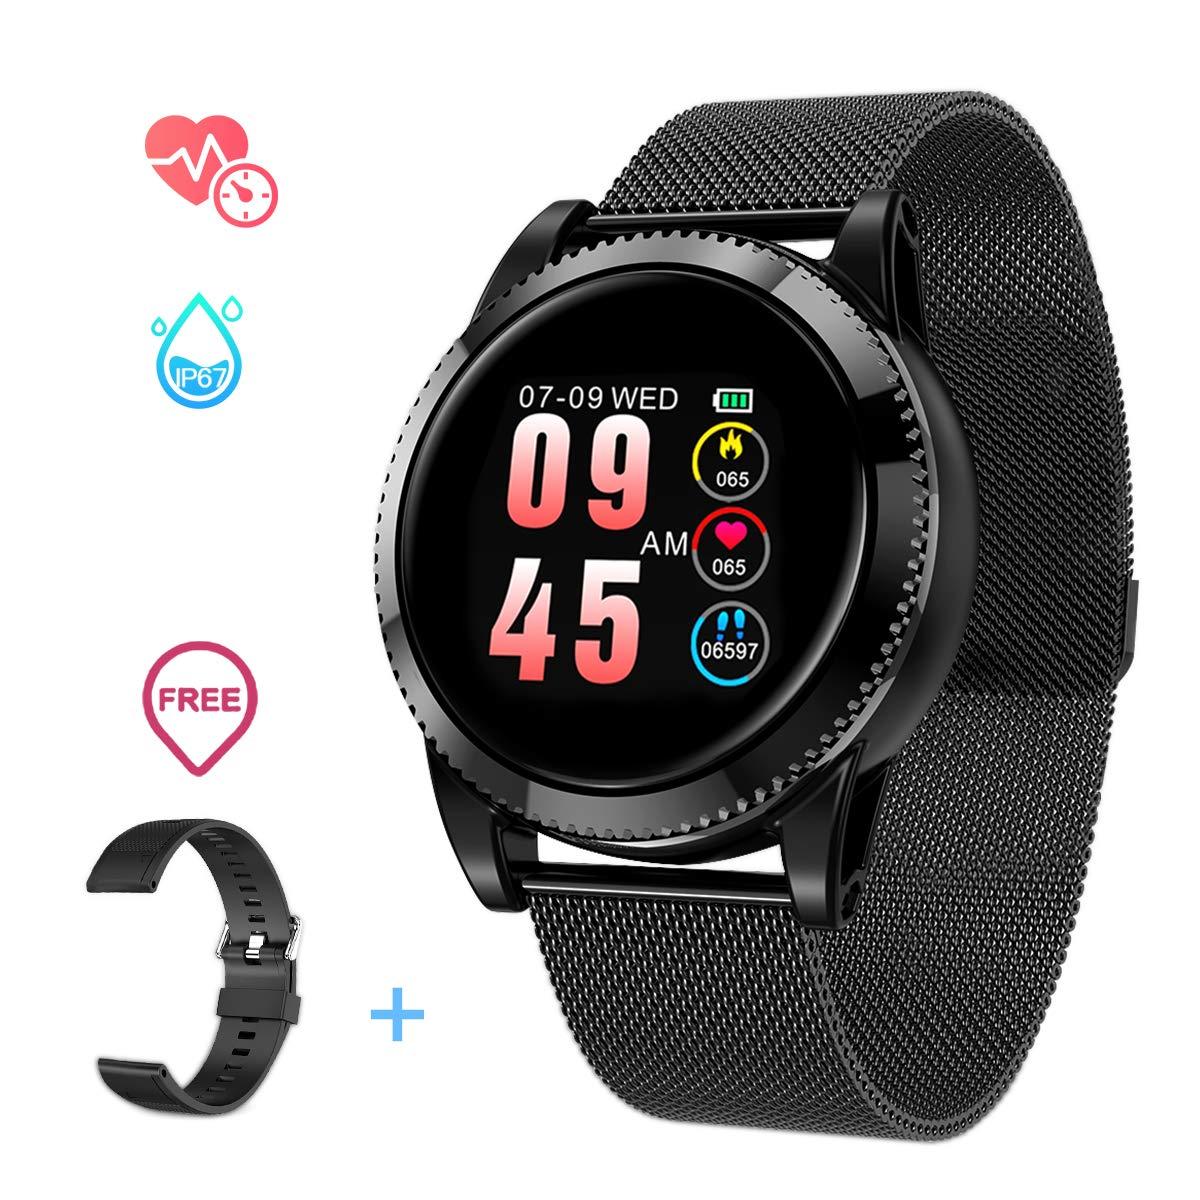 GOKOO Smartwatch Hombre Mujer Android, Pulsera Actividad Inteligente para Deporte, Reloj Iinteligente Hombre Mujer, Reloj de Fitness con Podómetro ...